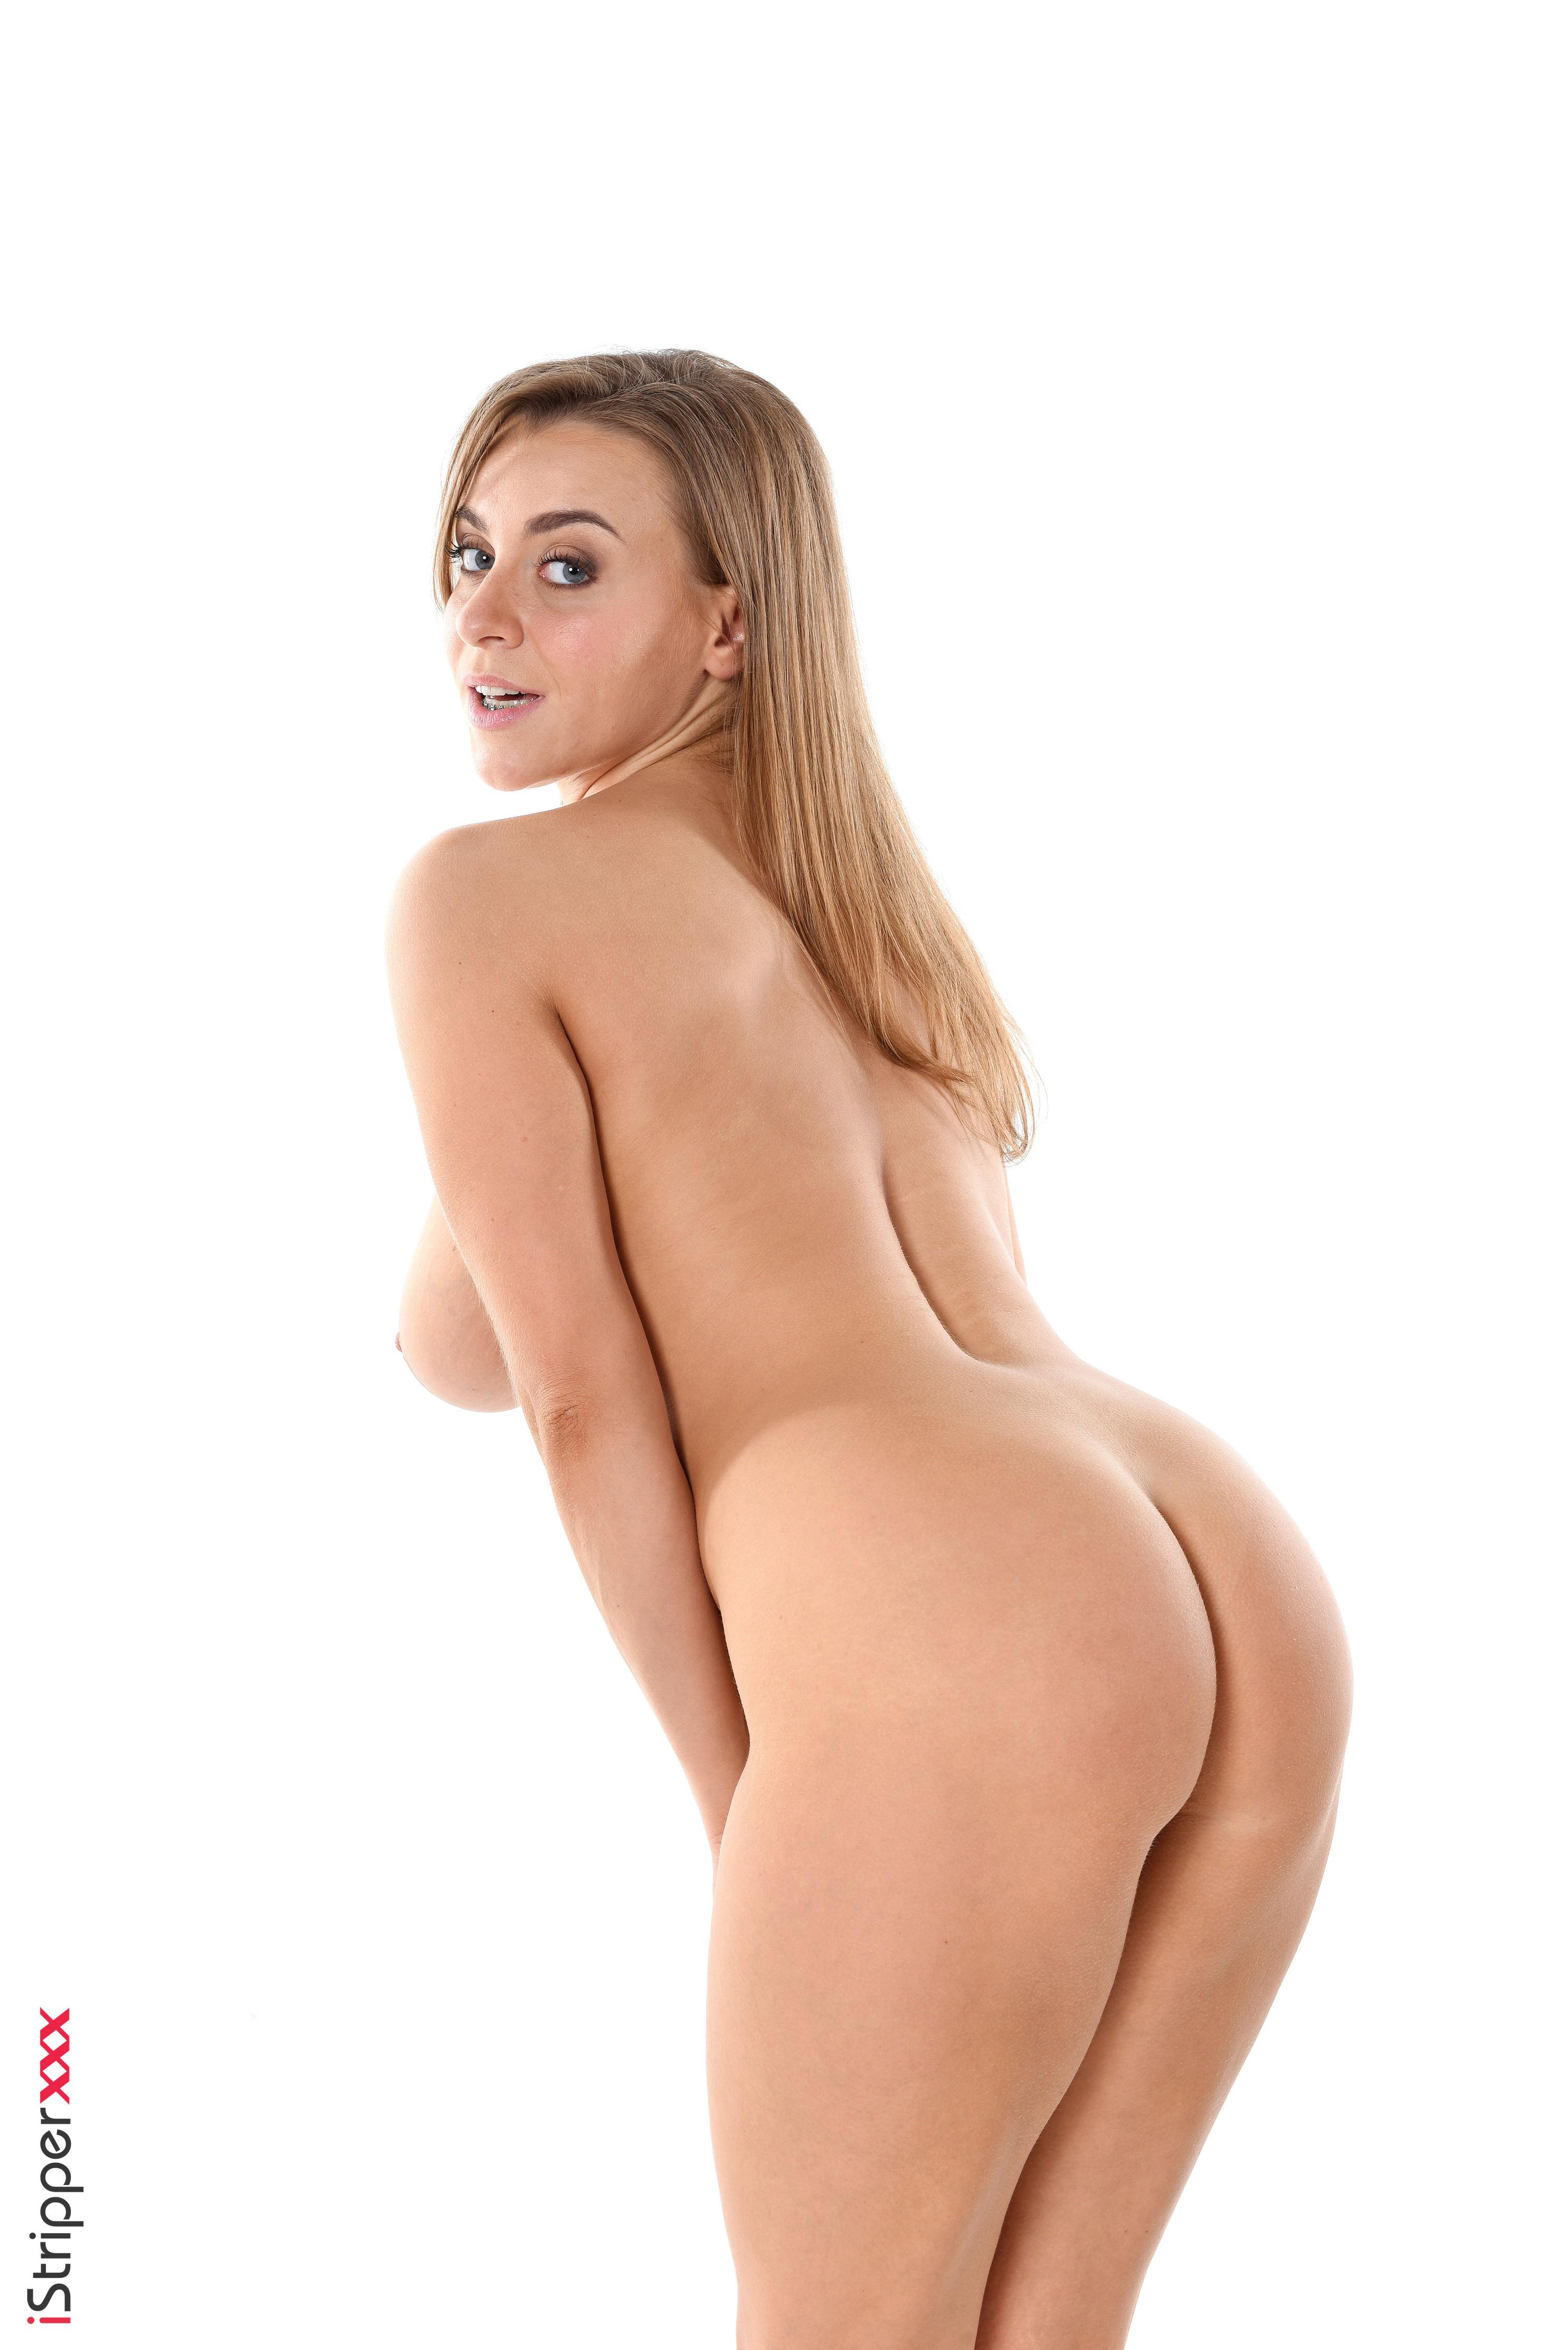 hd Bare Big tittied ladies wallpaper